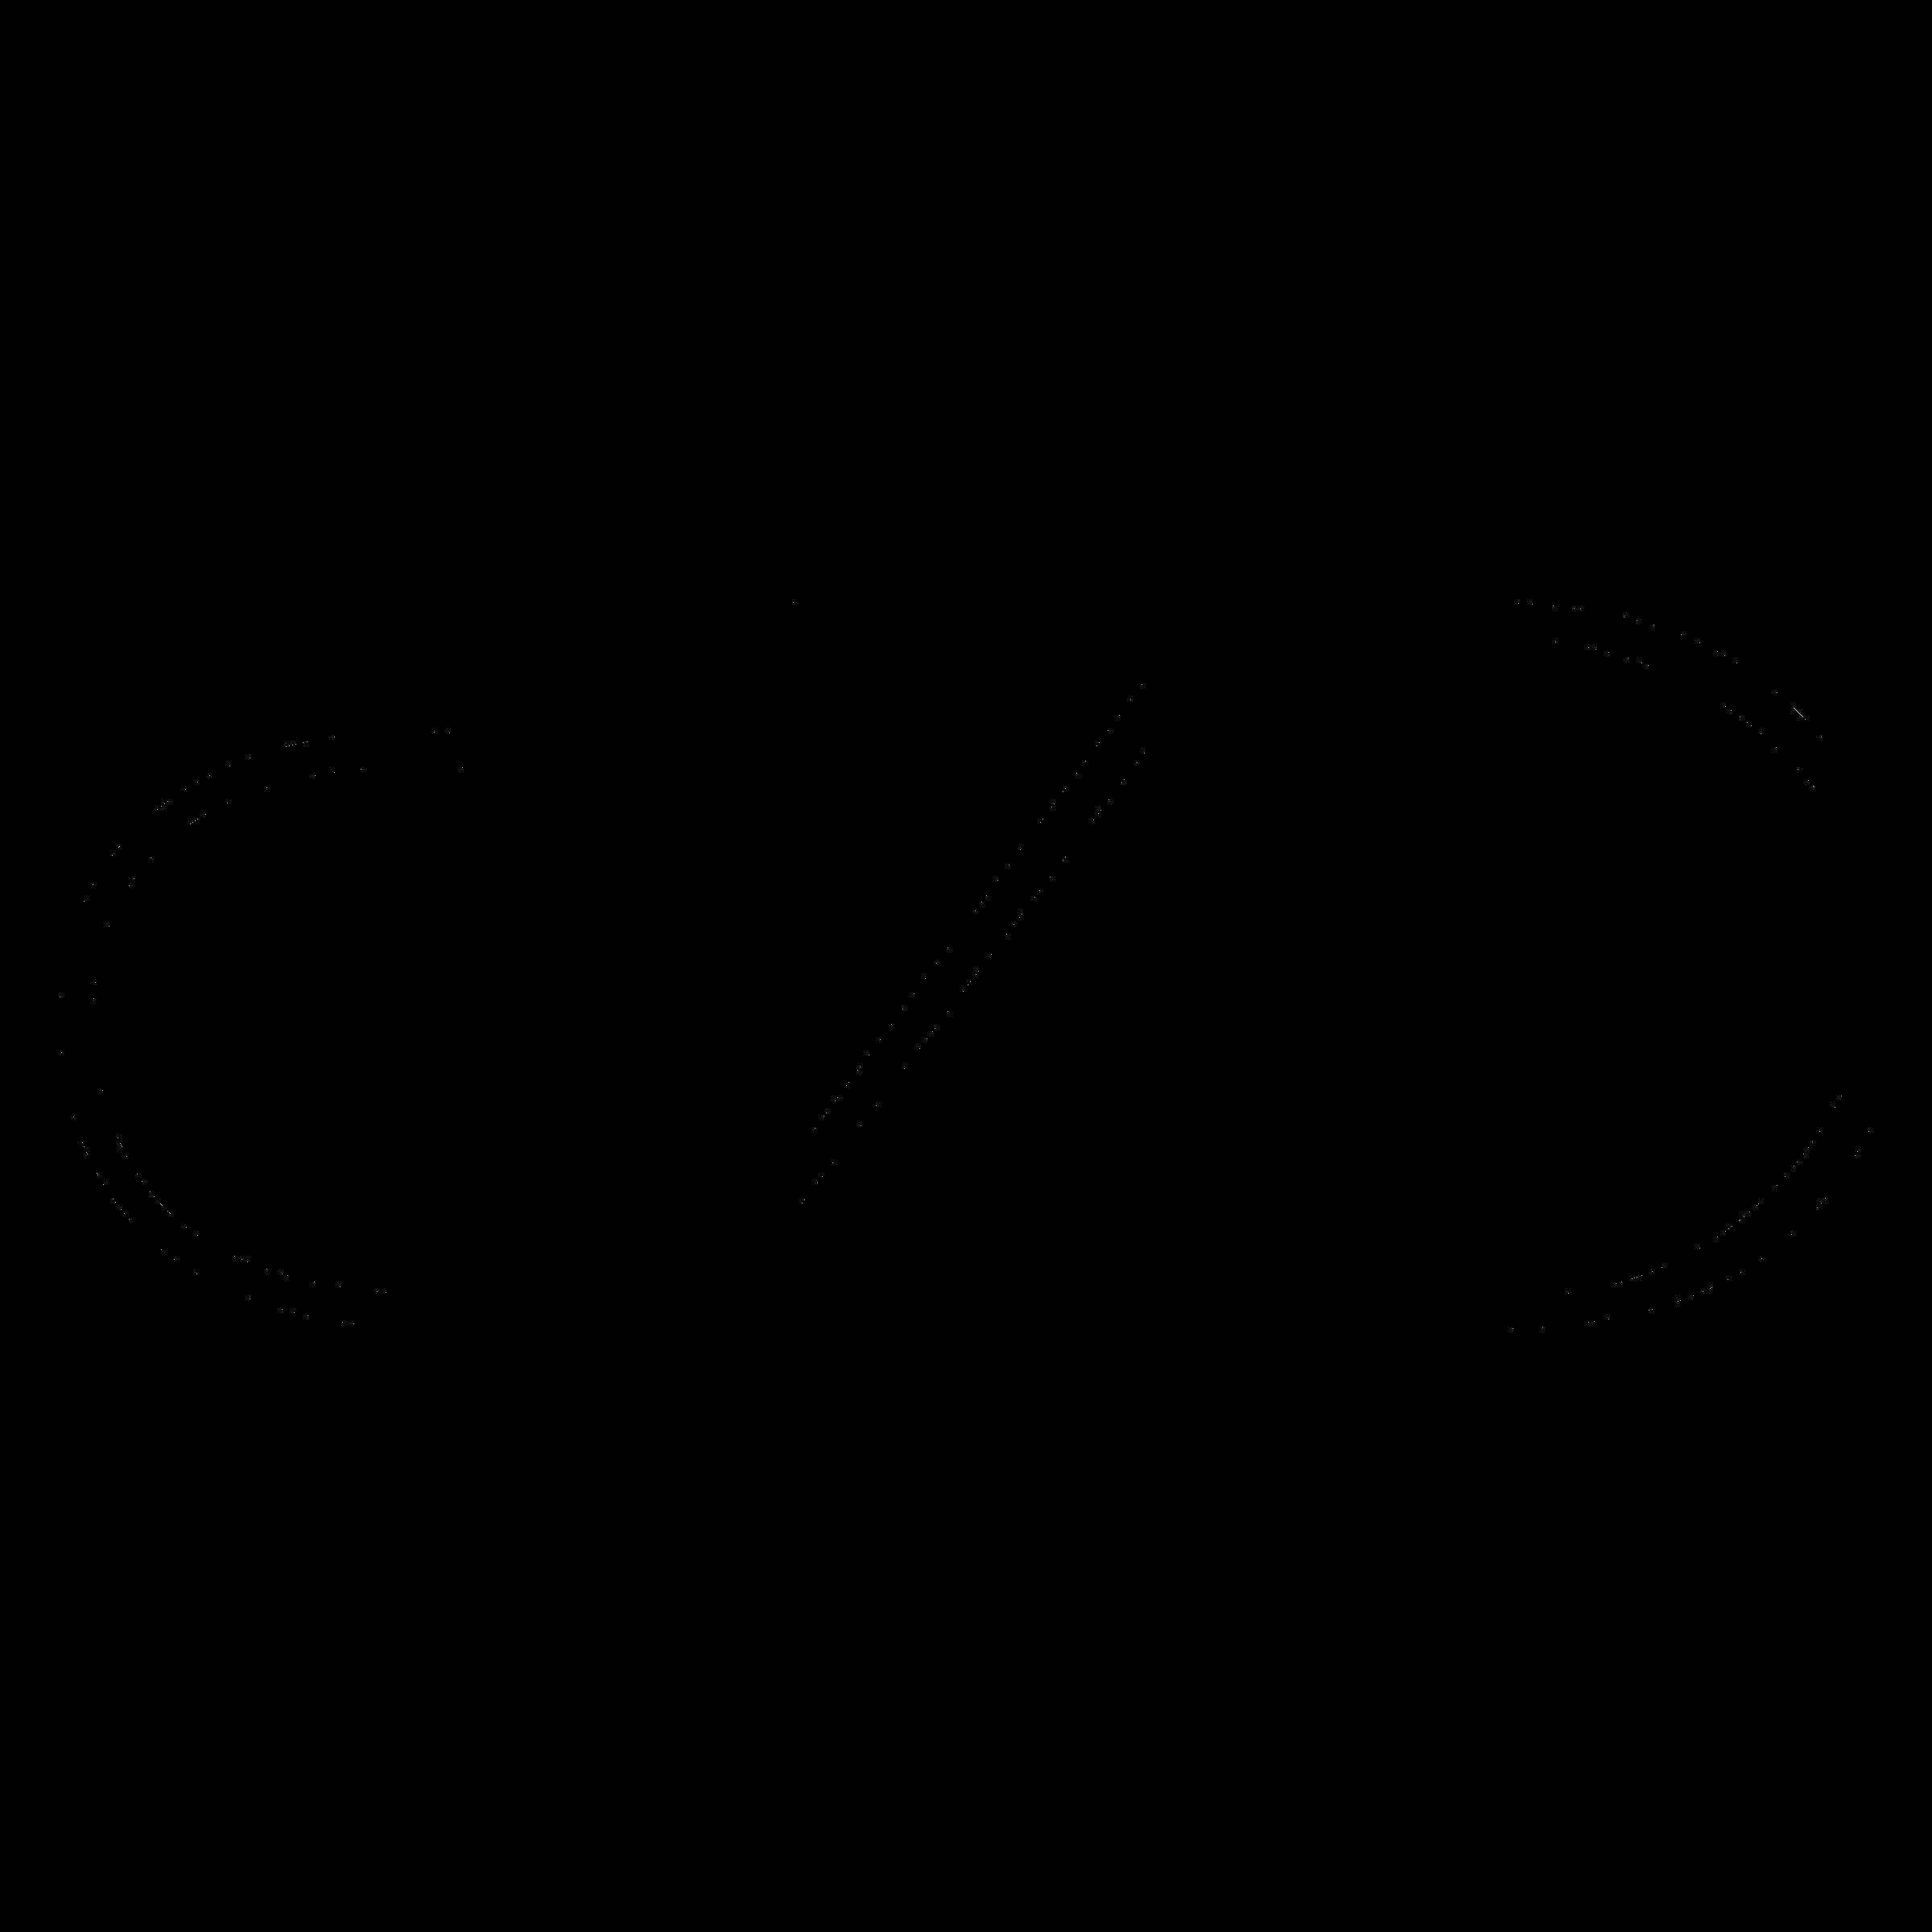 Bis Logo PNG Transparent & SVG Vector - Freebie Supply